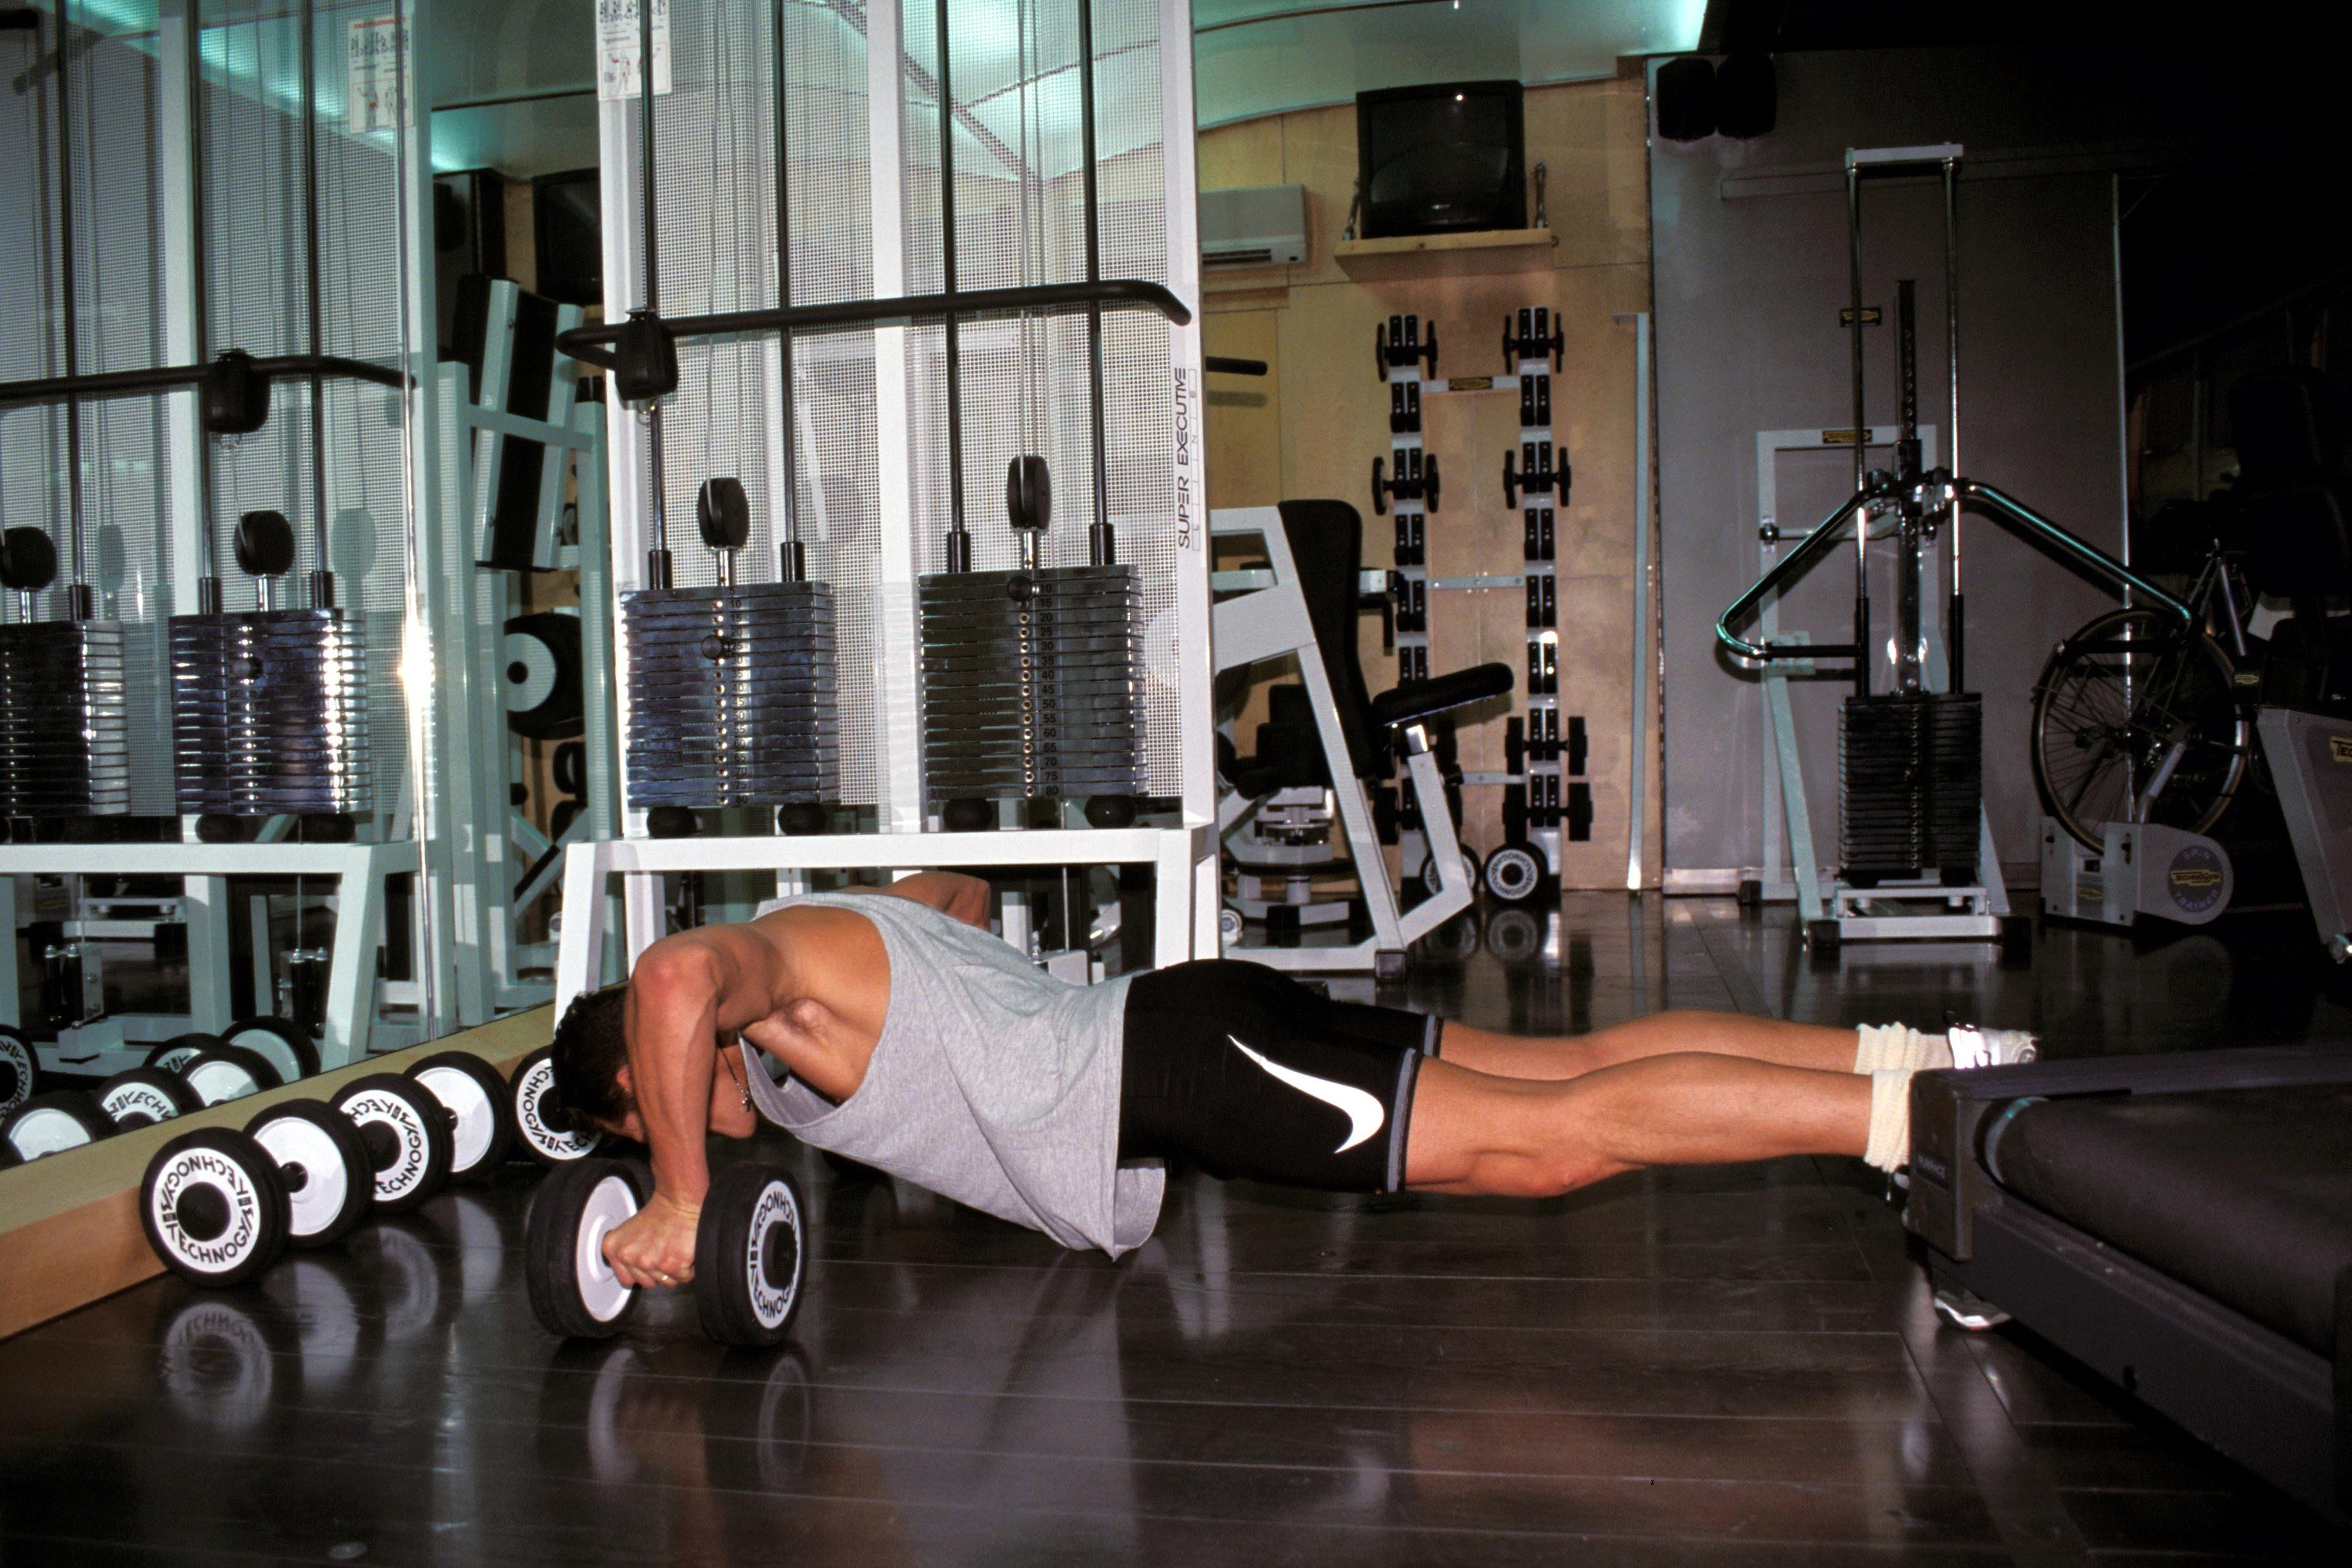 Michael Schumacher in the gym